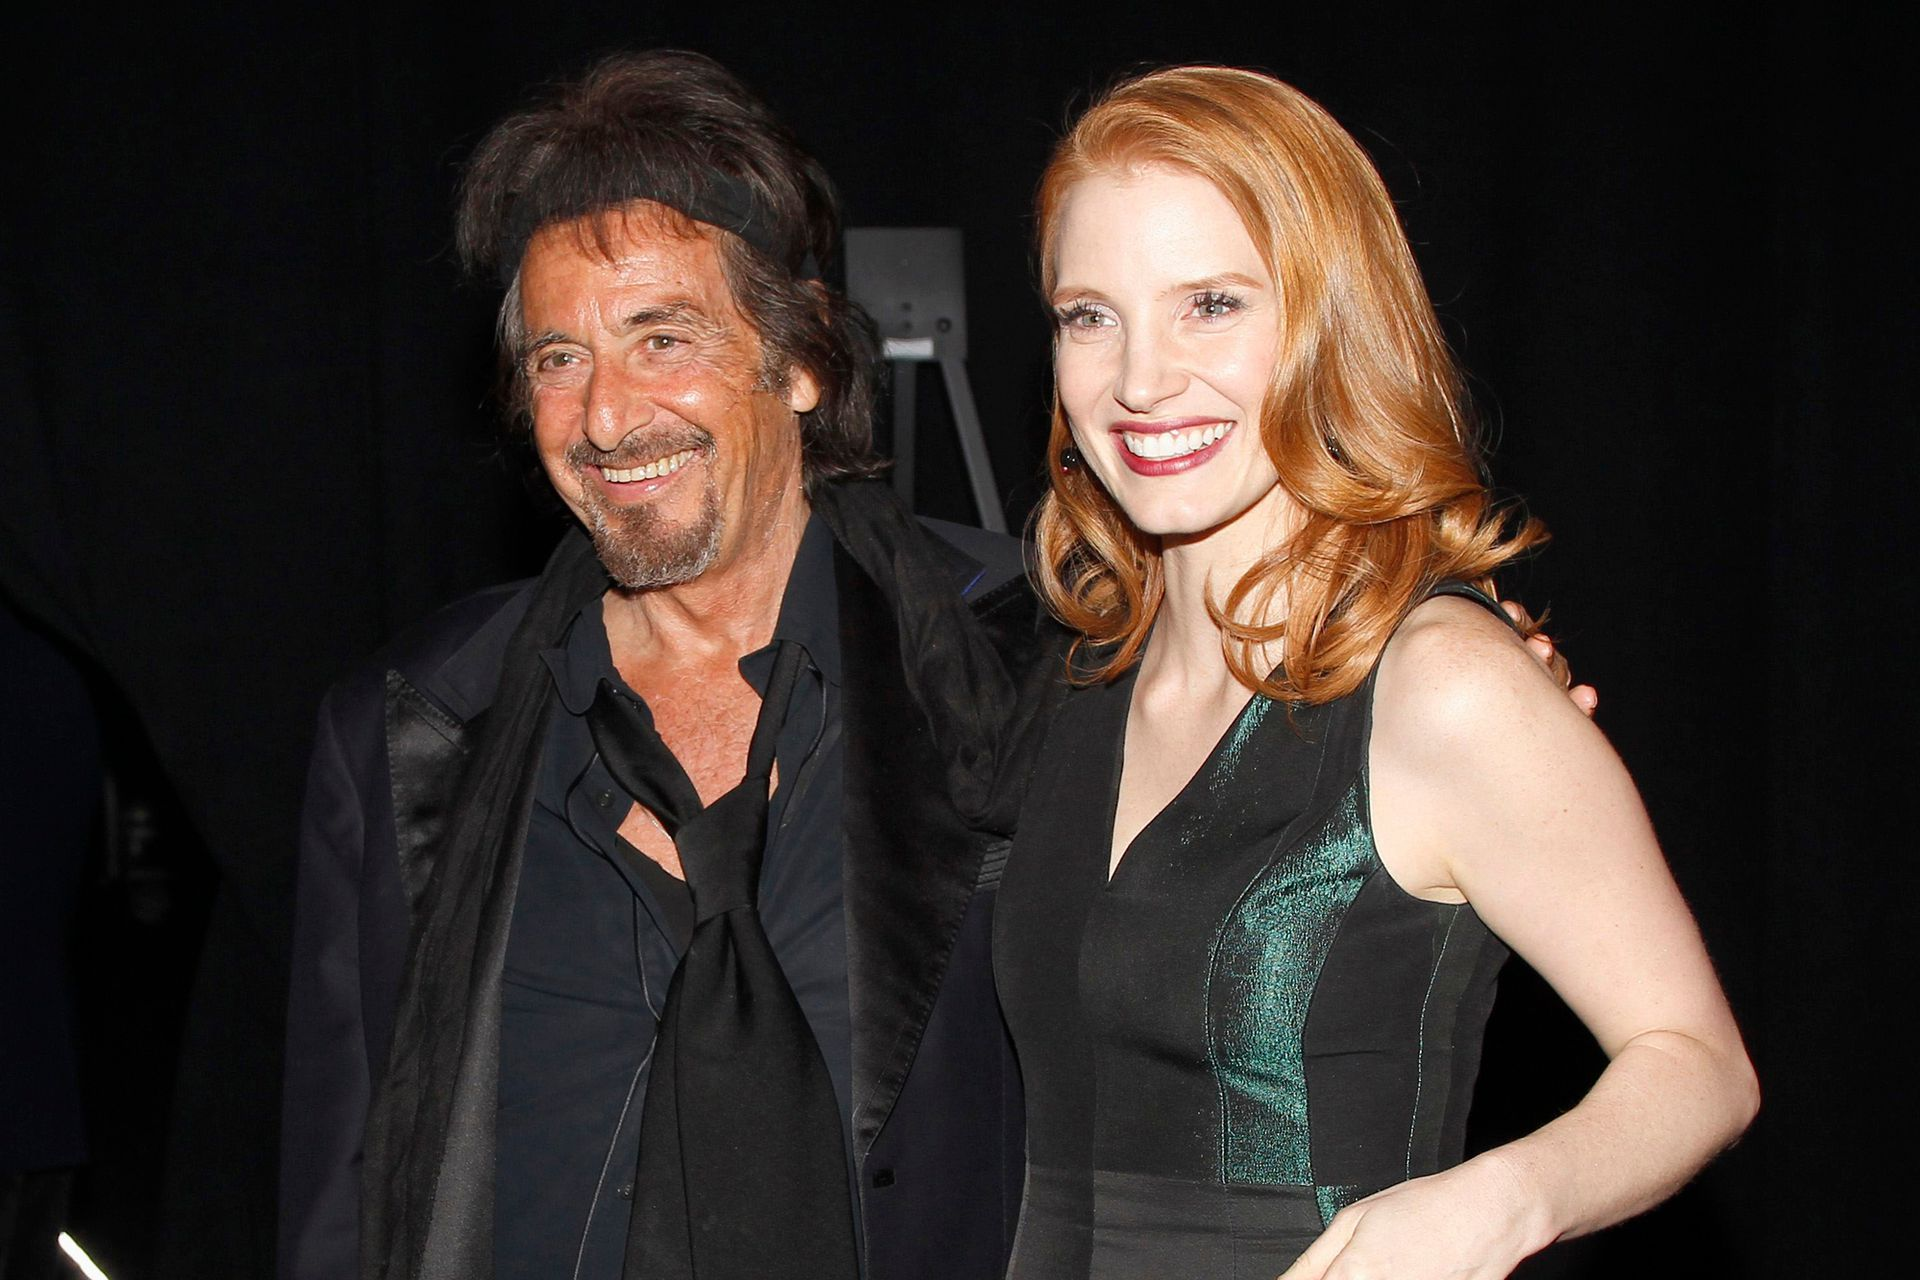 Junto a la actriz Jessica Chastain en el backstage de la 23ª Gala Anual del Festival Internacional de Cine de Palm Springs en California, en enero de 2012